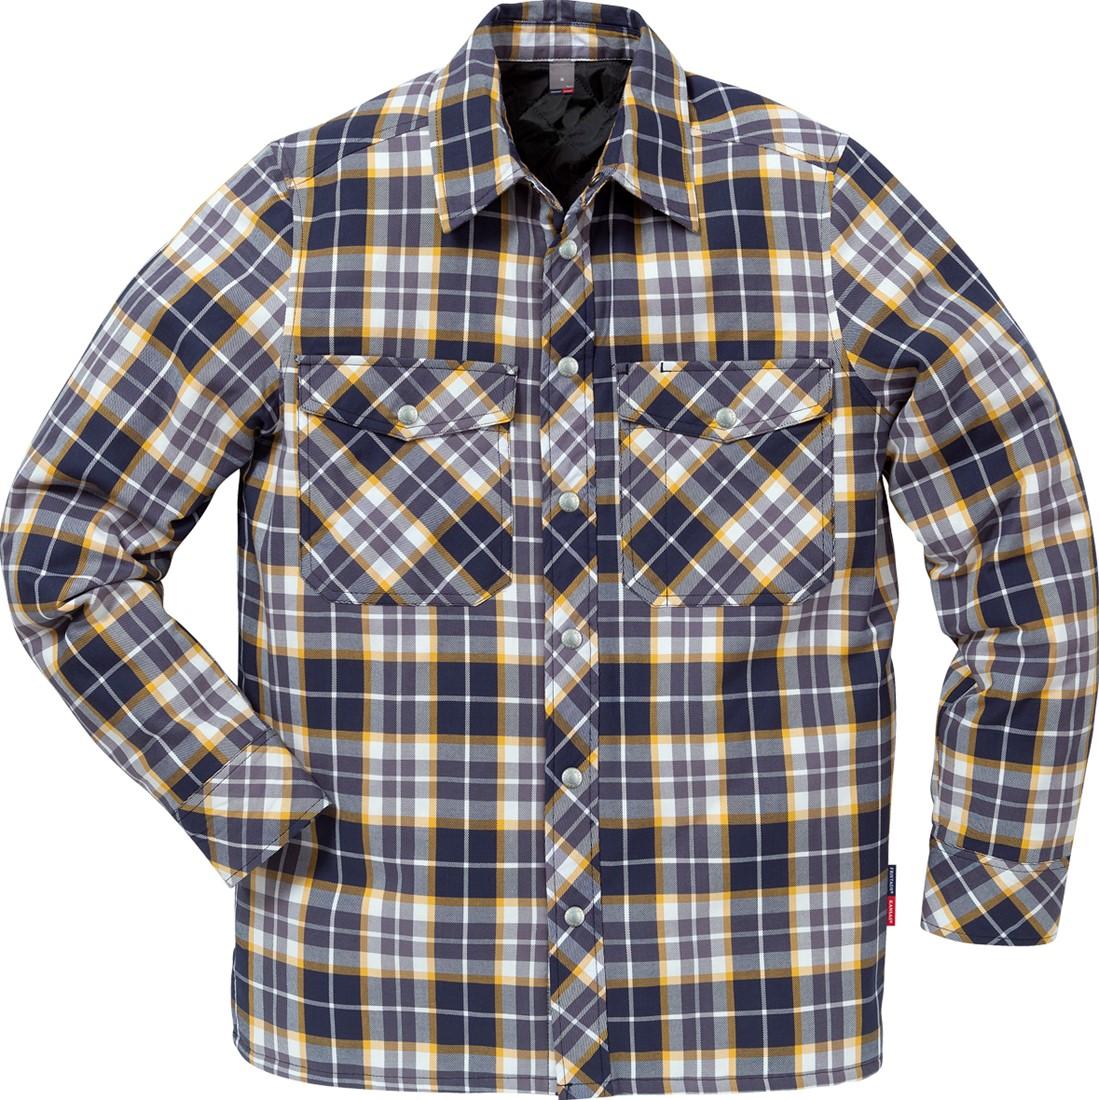 Flanellen Overhemd.Fristads Gevoerd Flanellen Overhemd 7445 Lf Workwear4all